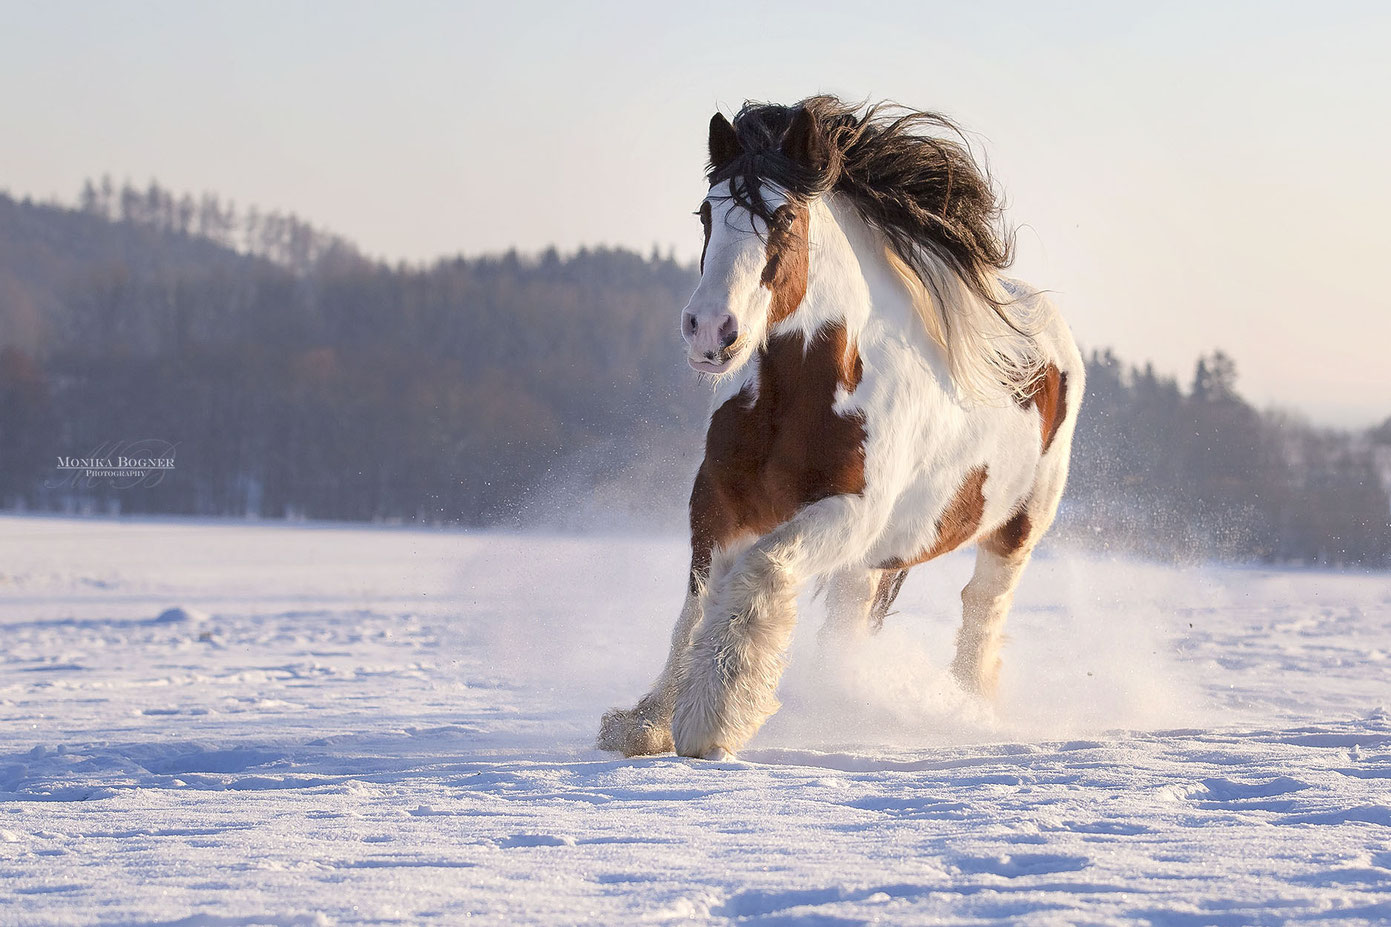 Tinker im Schnee, Pferdefotografie